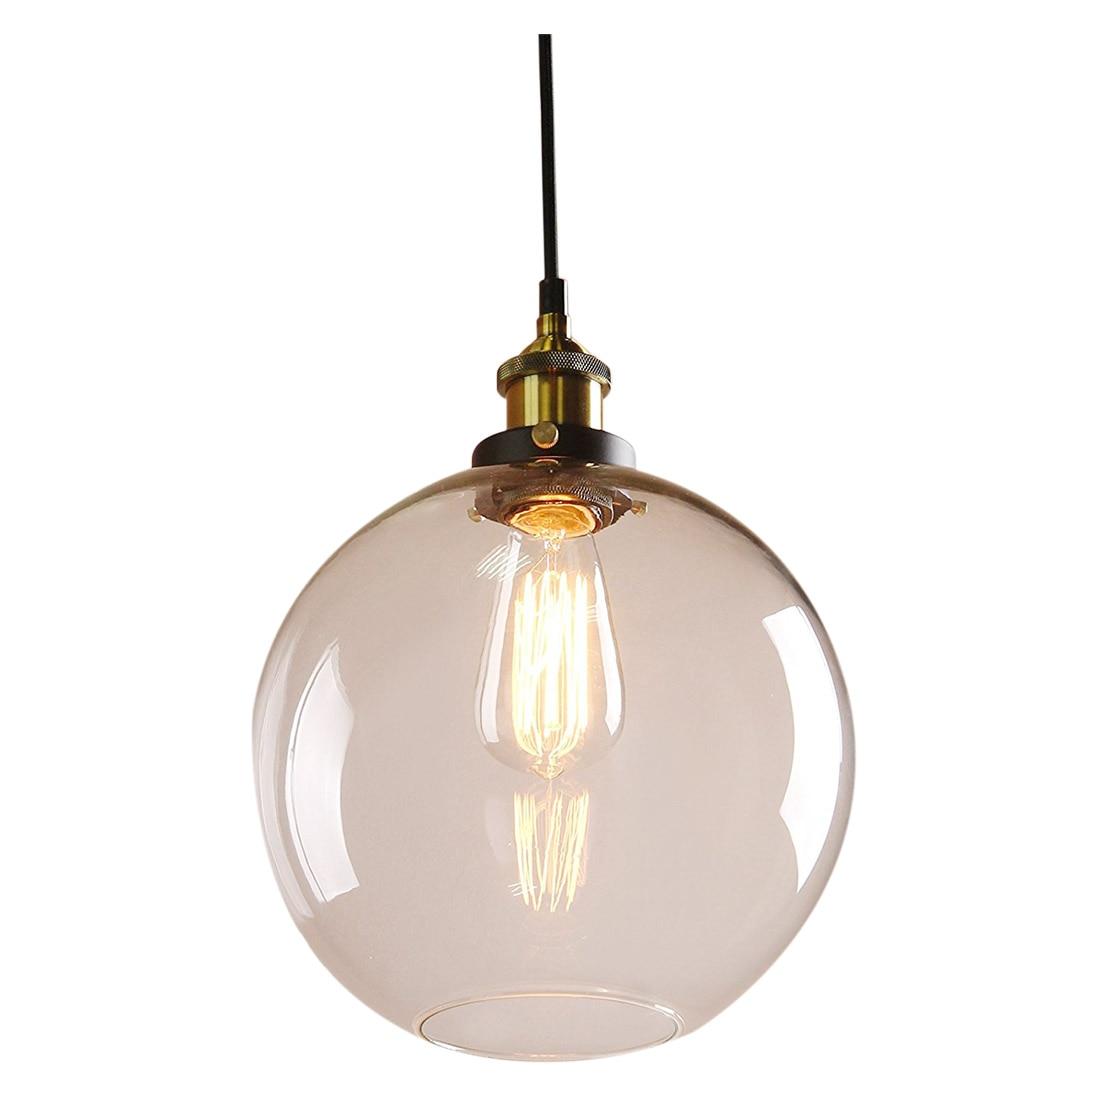 купить Modern Industrial Metal Glass Loft Pendant Lamp Retro Ceiling Light Vintage Lamp(Antique head diameter 25cm) недорого